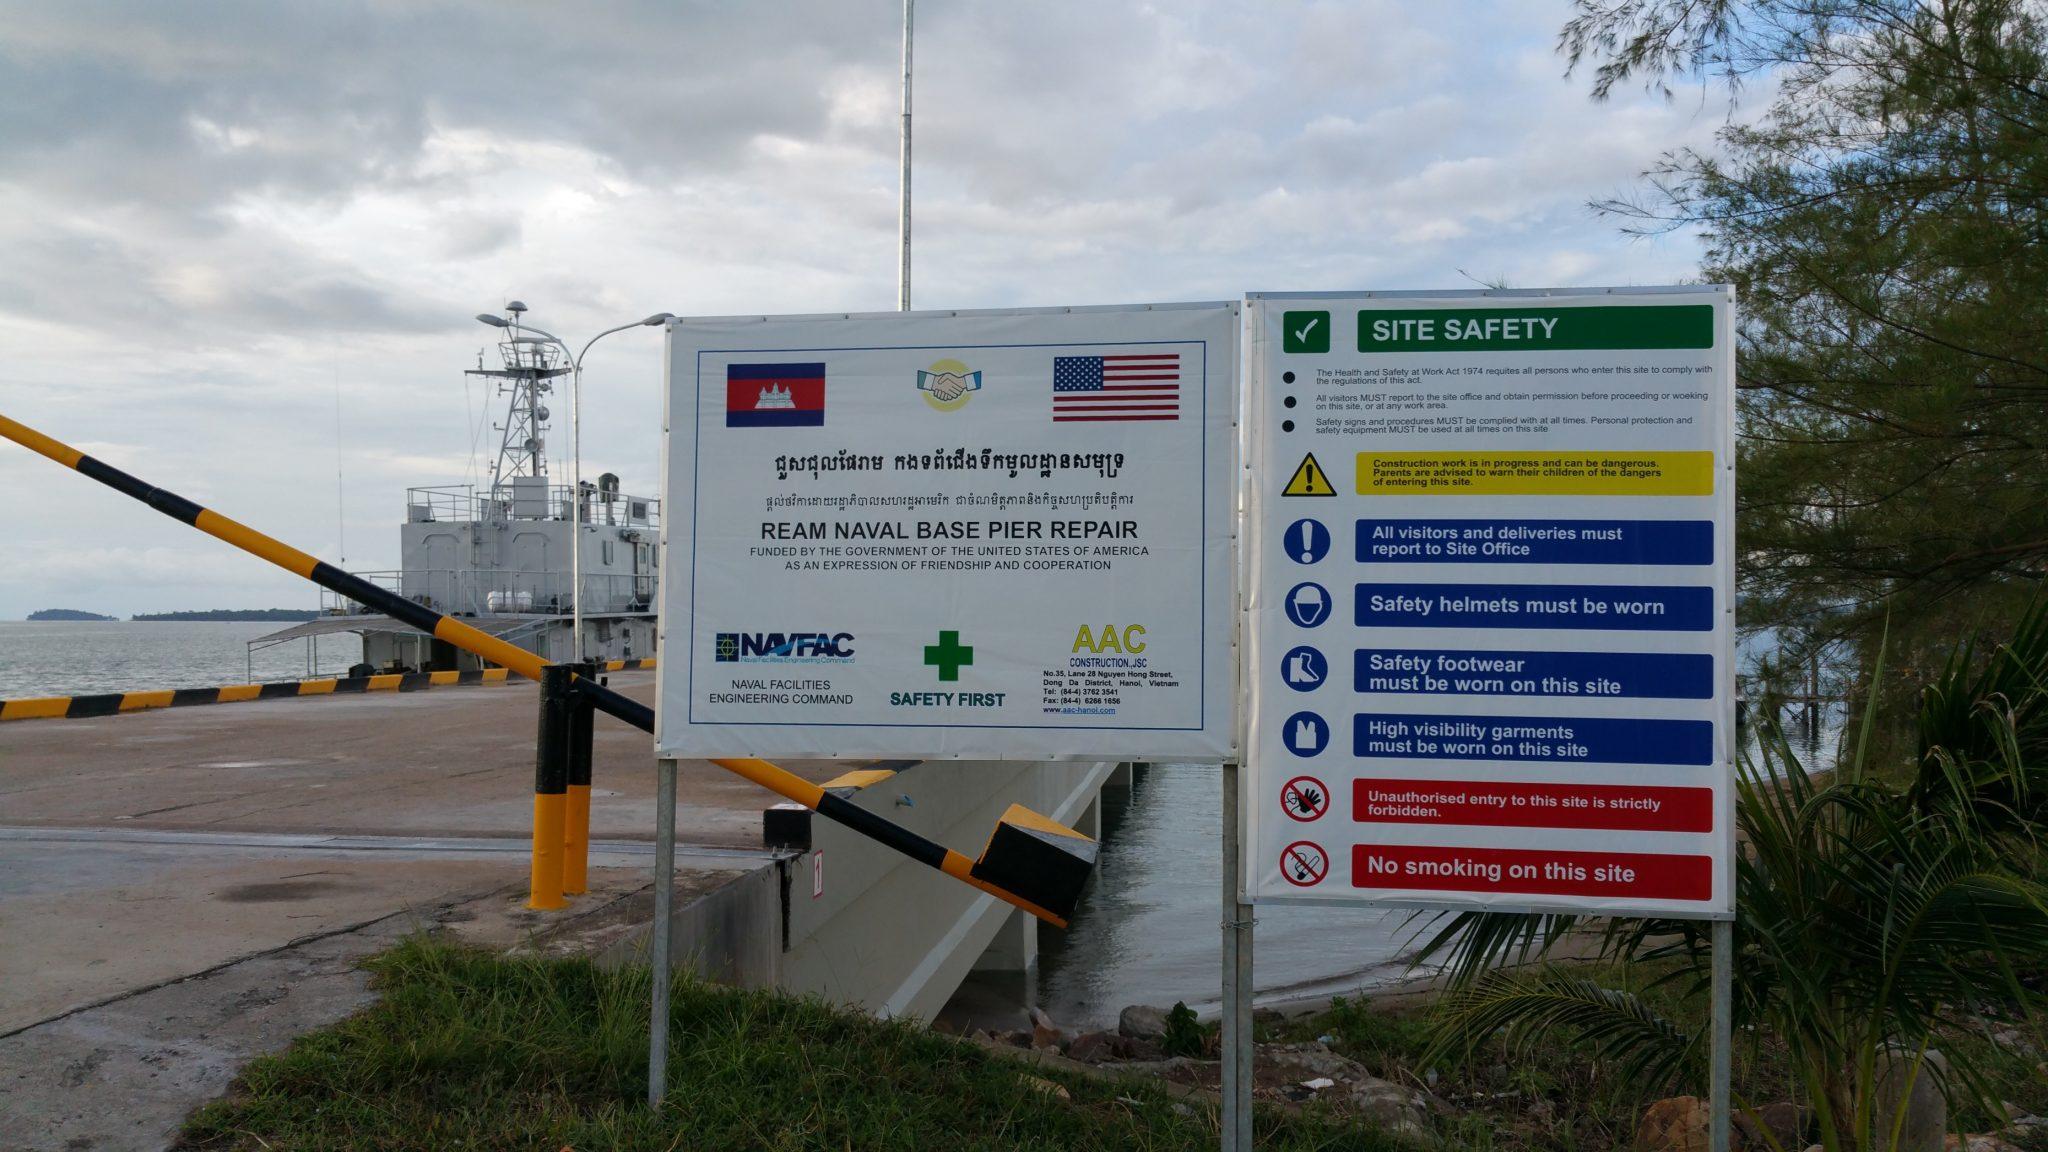 柬埔寨谢绝美帮忙维修海军基地 美国防部又扯到中国似的多音字组词 沃票网 奔跑吧兄弟第四季 缔安娜